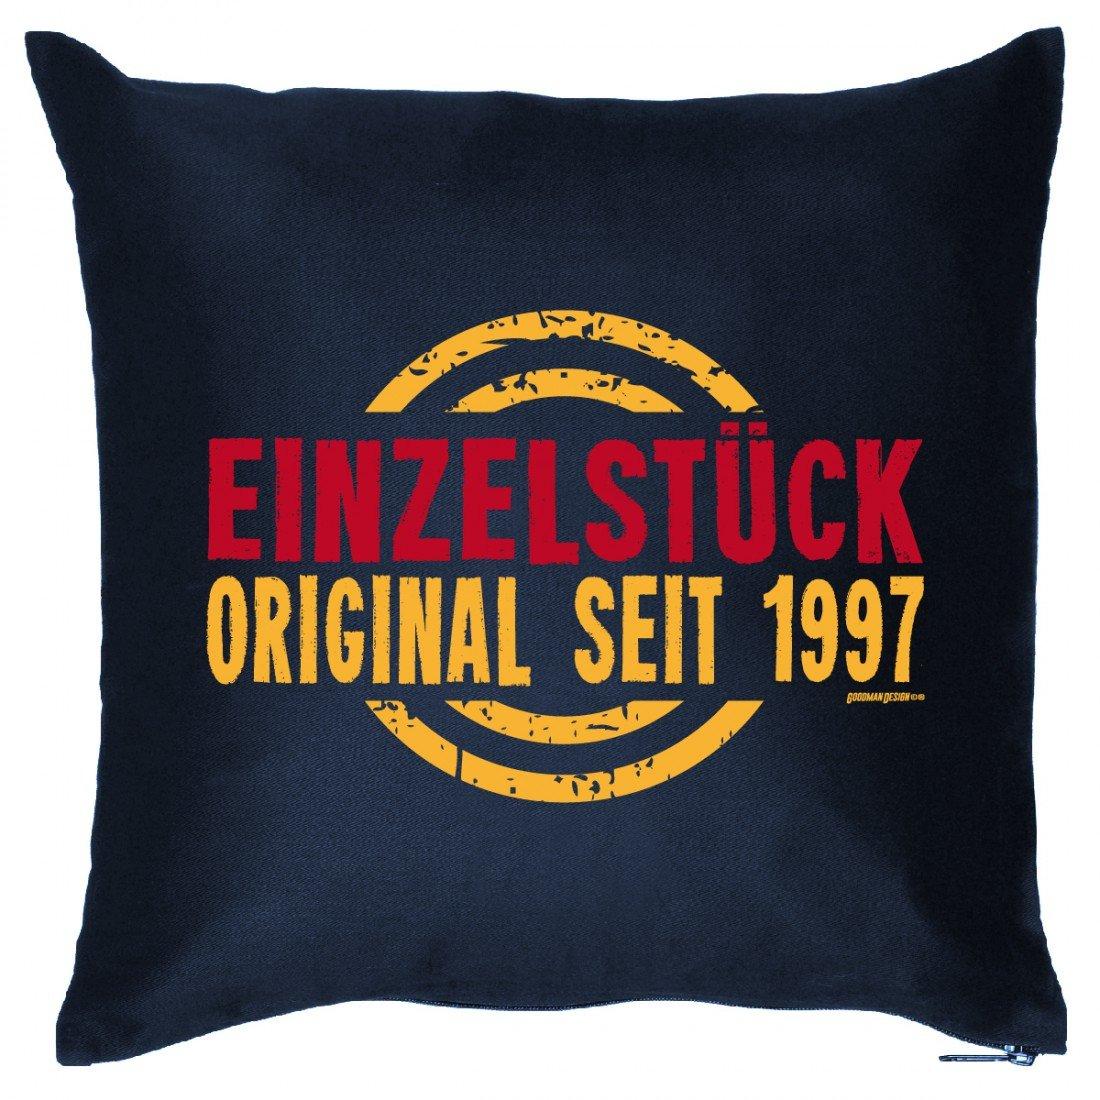 Couch Kissen mit Jahrgang zum Geburtstag – Einzelstück Original 1997 – Sofakissen Wendekissen mit Spruch und Humor jetzt bestellen